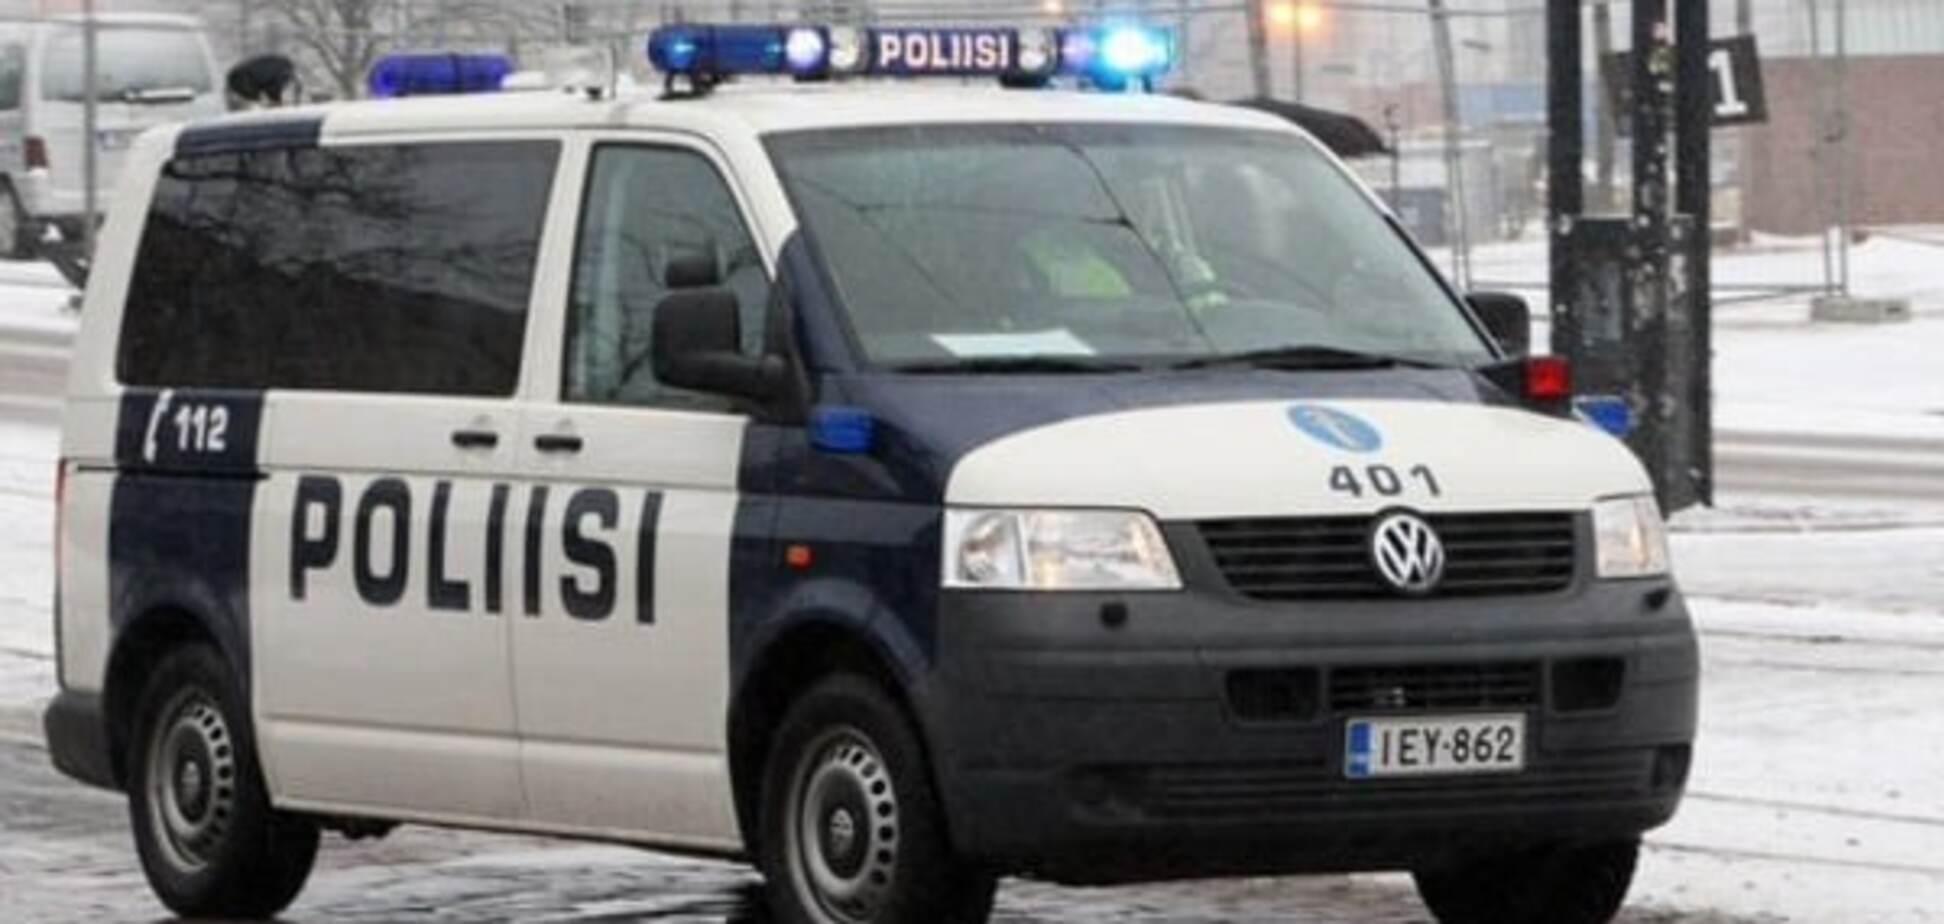 Украинцы попали в ДТП в Финляндии: есть пострадавшие